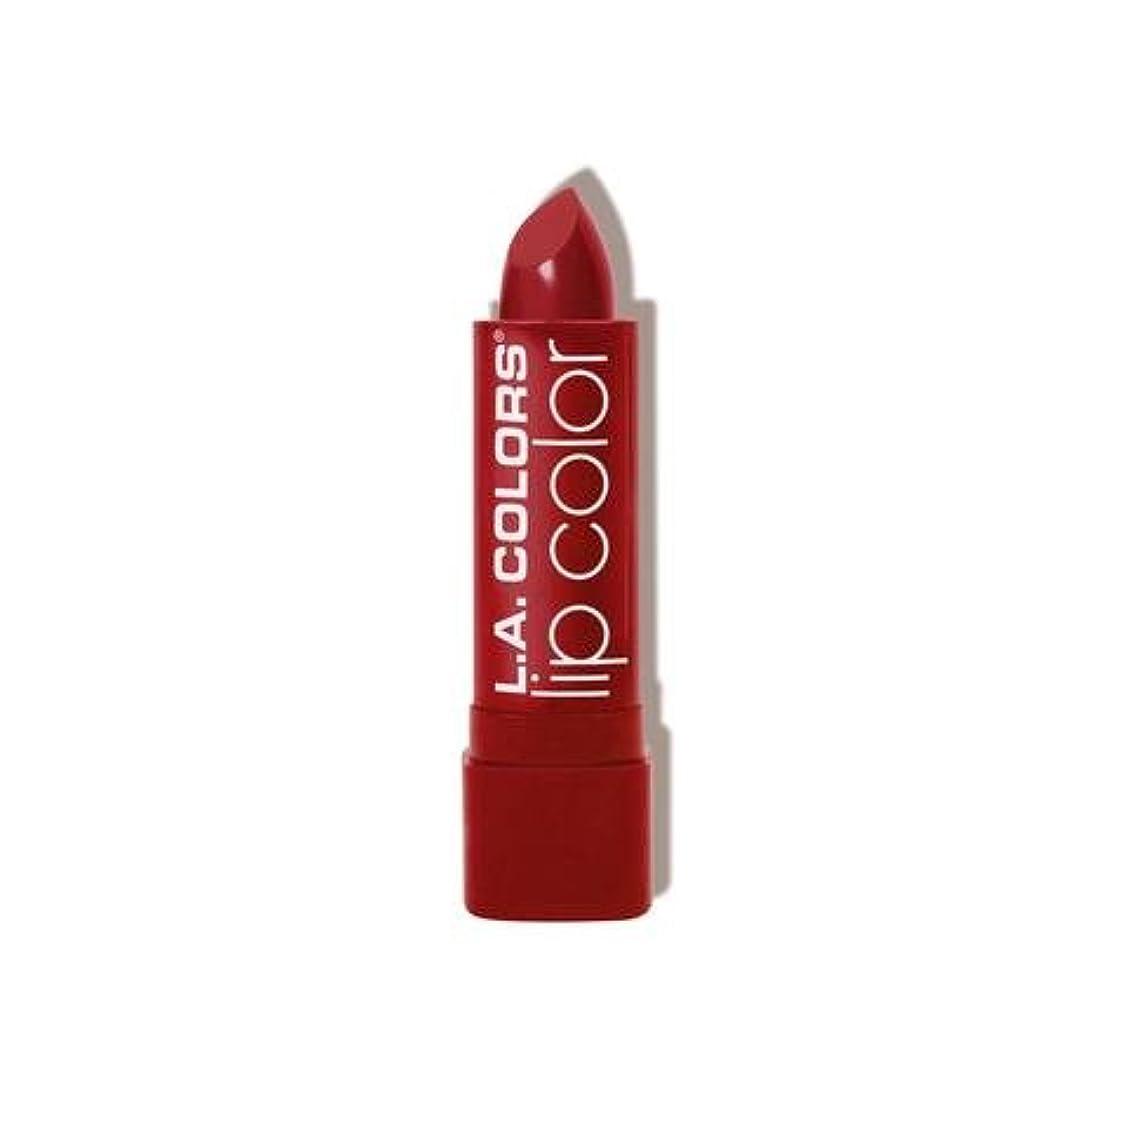 顧問役員高い(3 Pack) L.A. COLORS Moisture Rich Lip Color - Berry Red (並行輸入品)